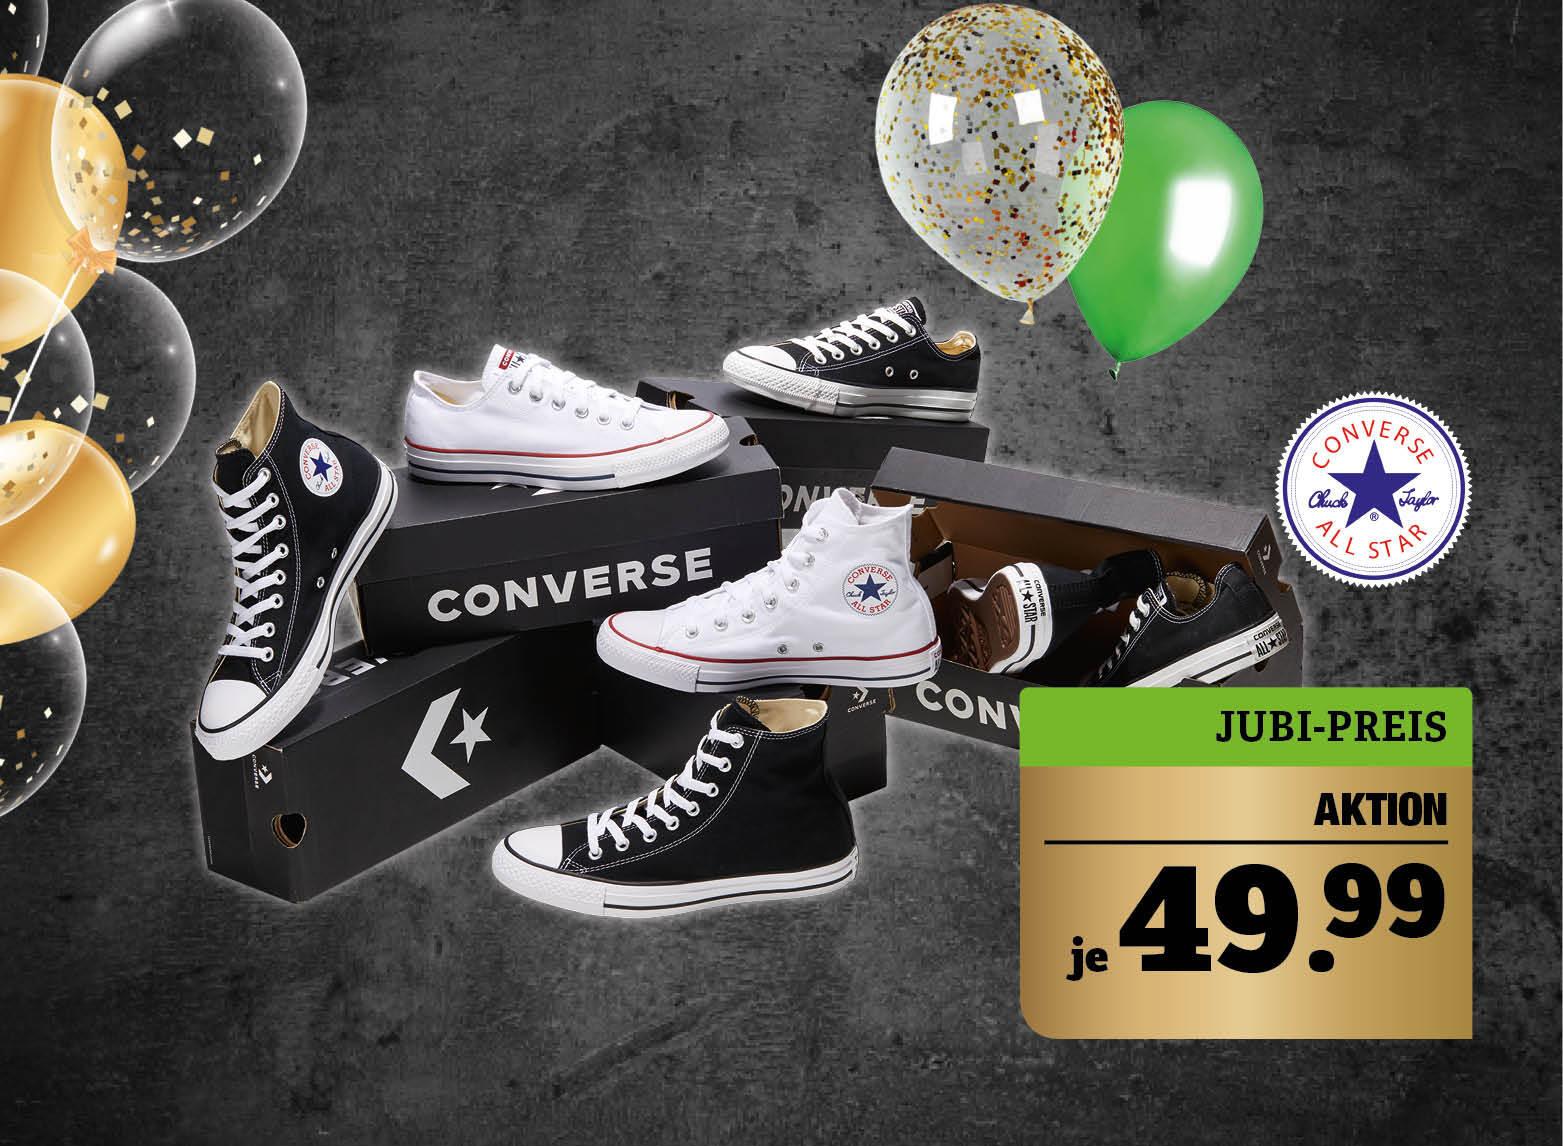 Converse Chucks - In verschiedenen Größen und Farben. Low: UVP* 65,- €. Unser Preis: 49,99€. Sie sparen 23%. High: UVP* 70,- €. Unser Preis: 49,99€. Sie sparen 28%.